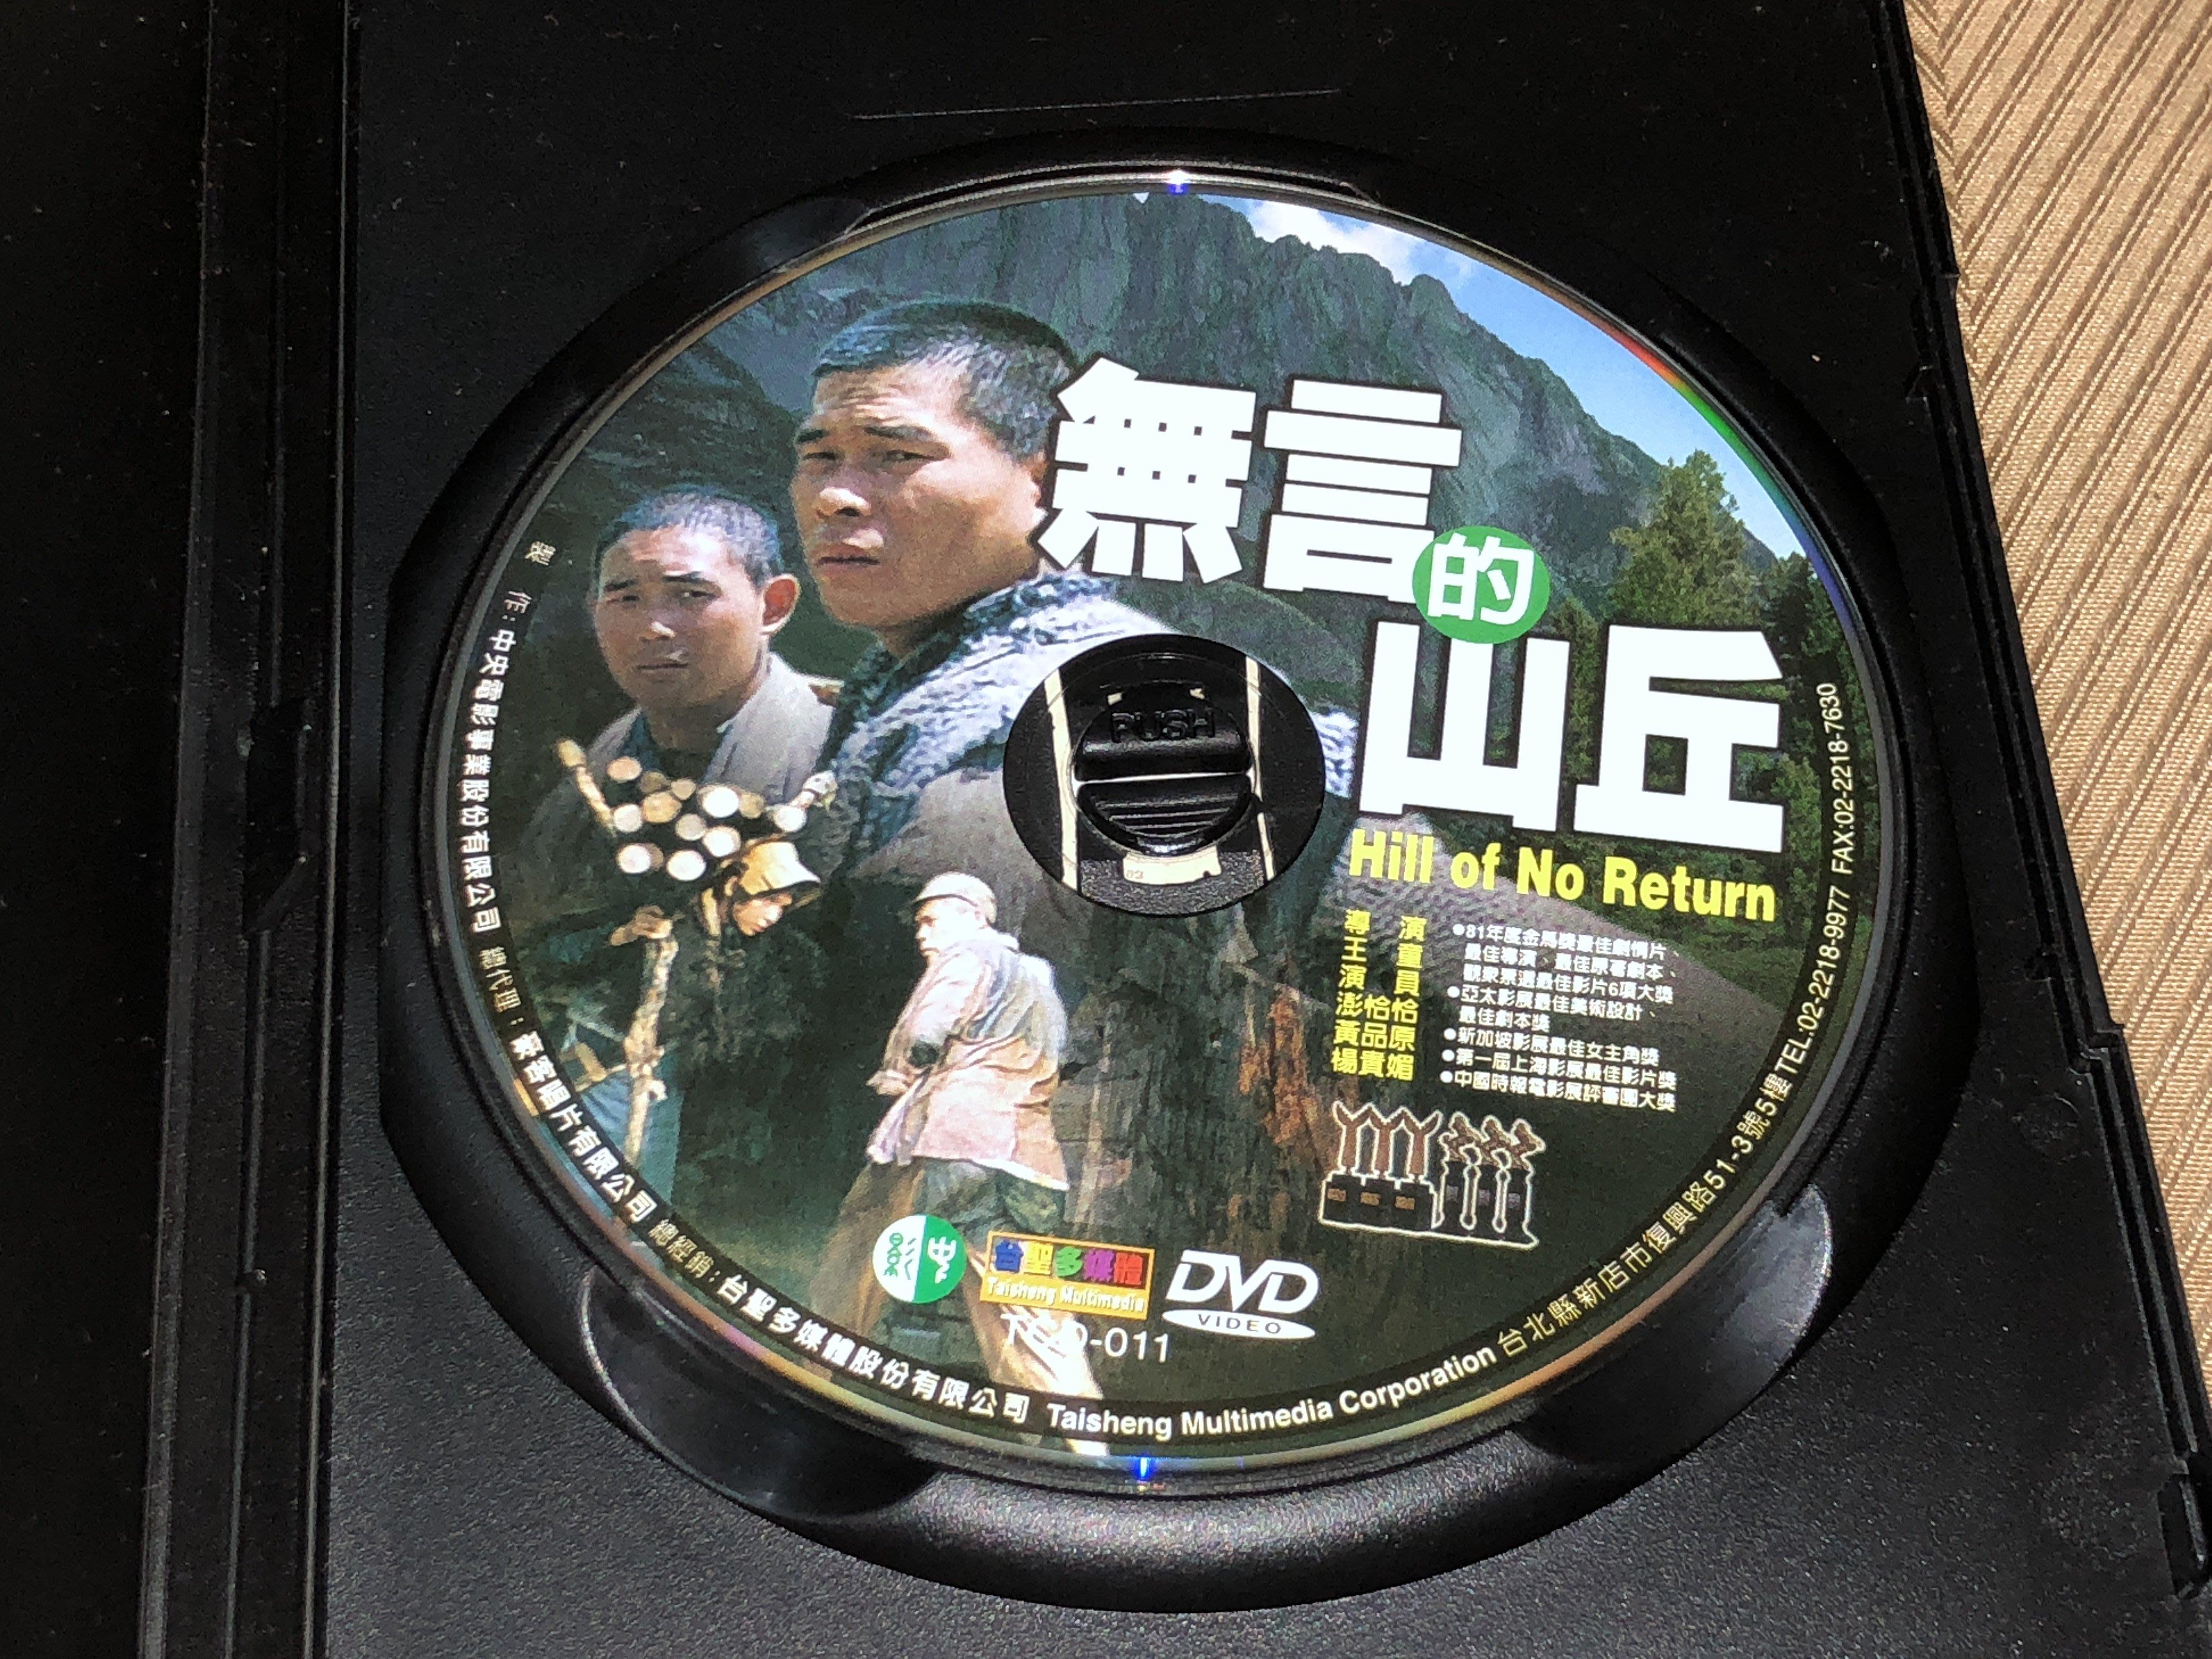 【李歐的二手國片】片況幾乎全新 楊貴媚 彭恰恰 黃品源 無言的山丘 DVD 下標=結標